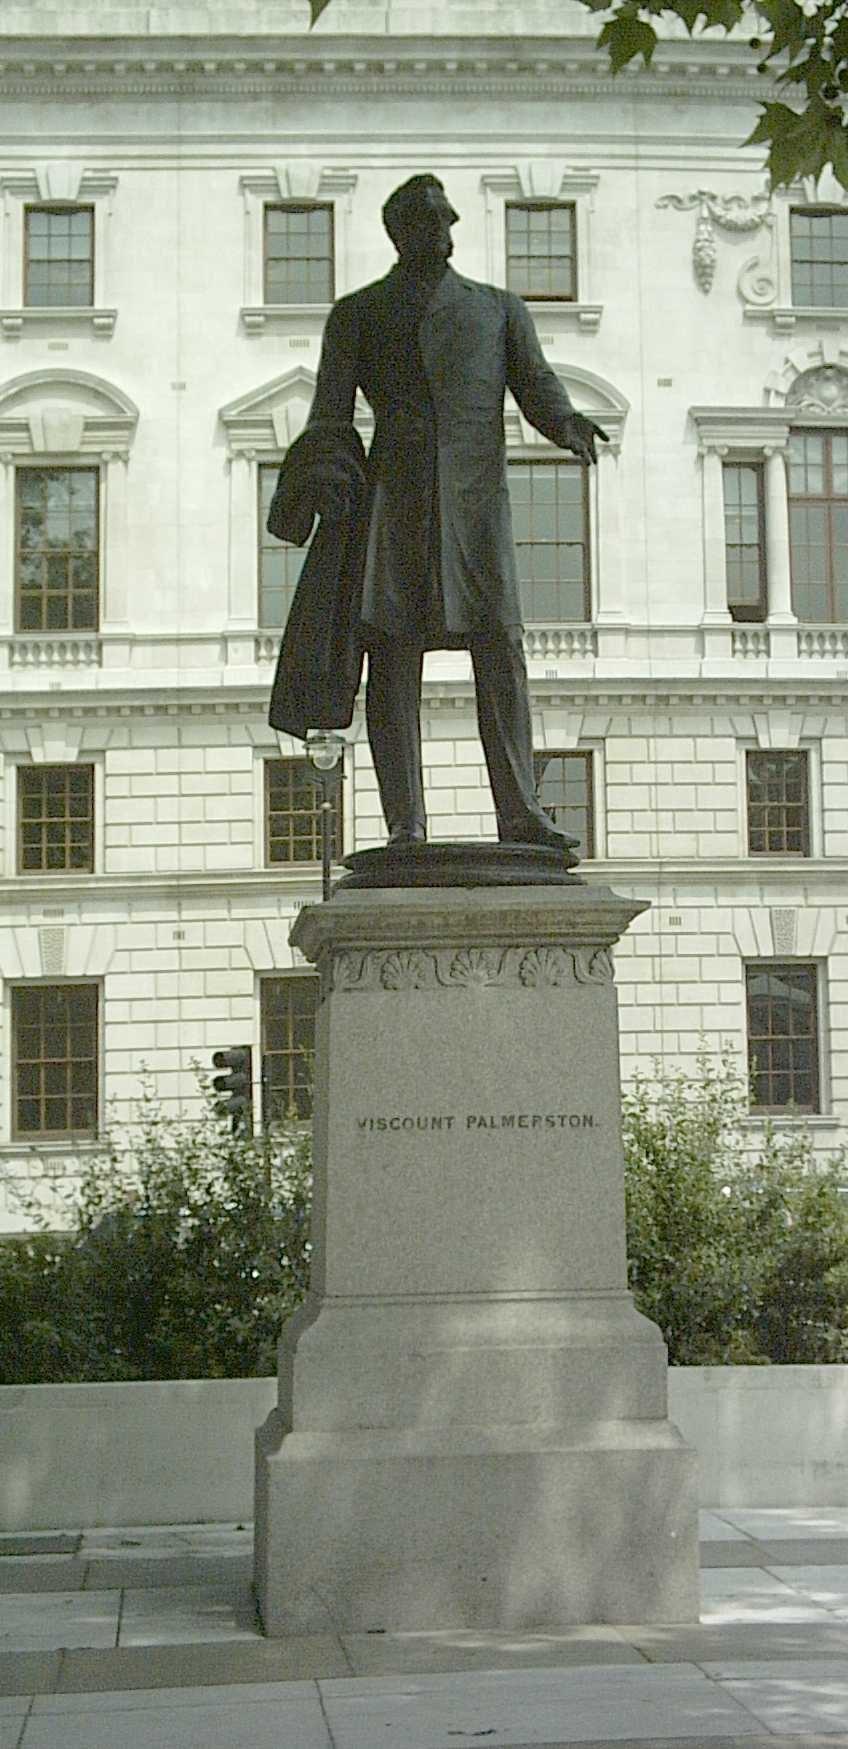 Viscount Palmerston statue